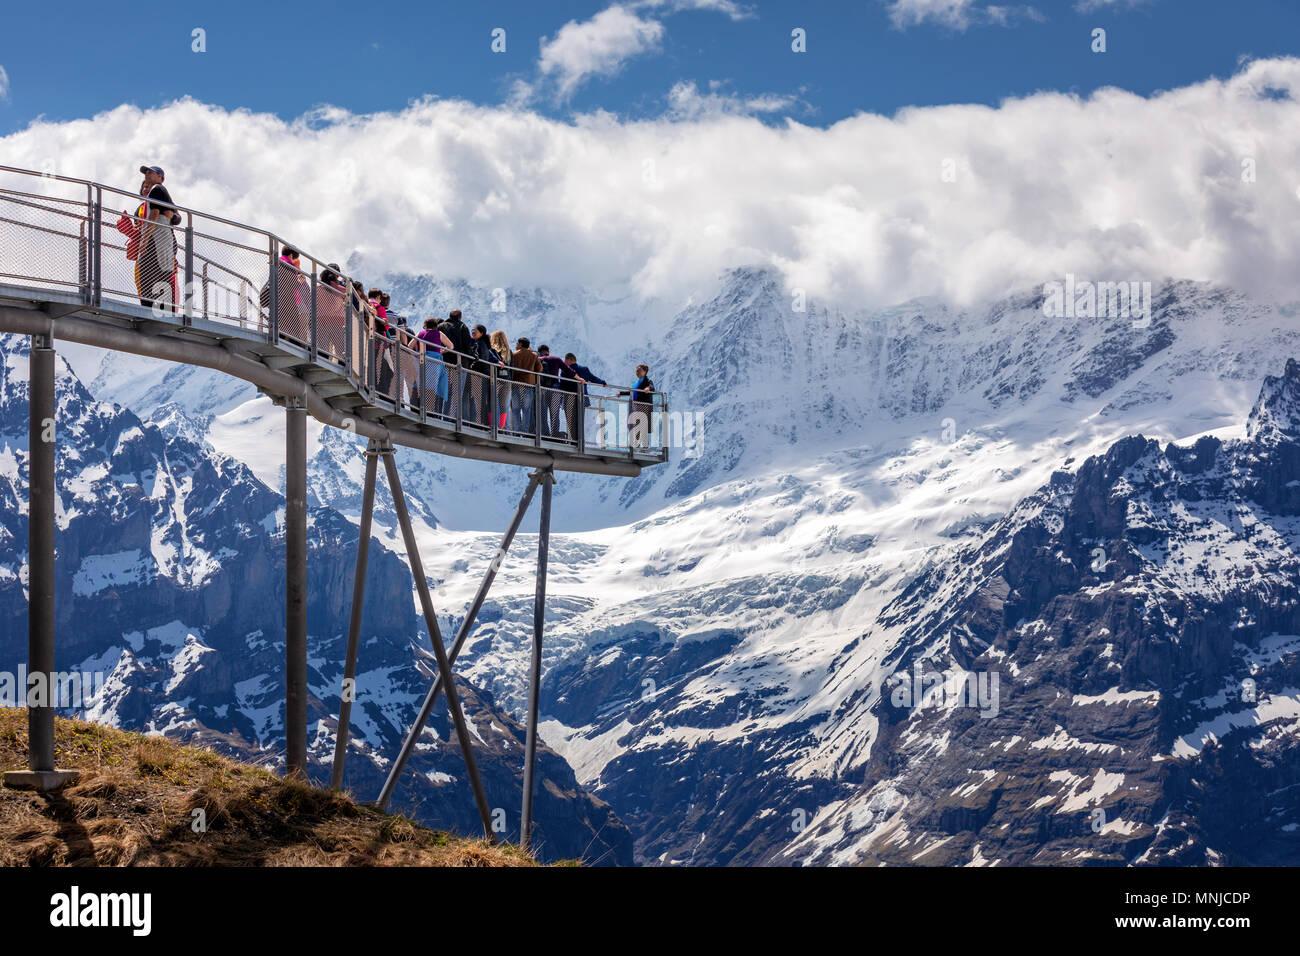 Menschen auf der Aussichtsplattform an der Spitze des ersten Berg oberhalb von Grindelwald, Berner Oberland, Schweiz Stockbild